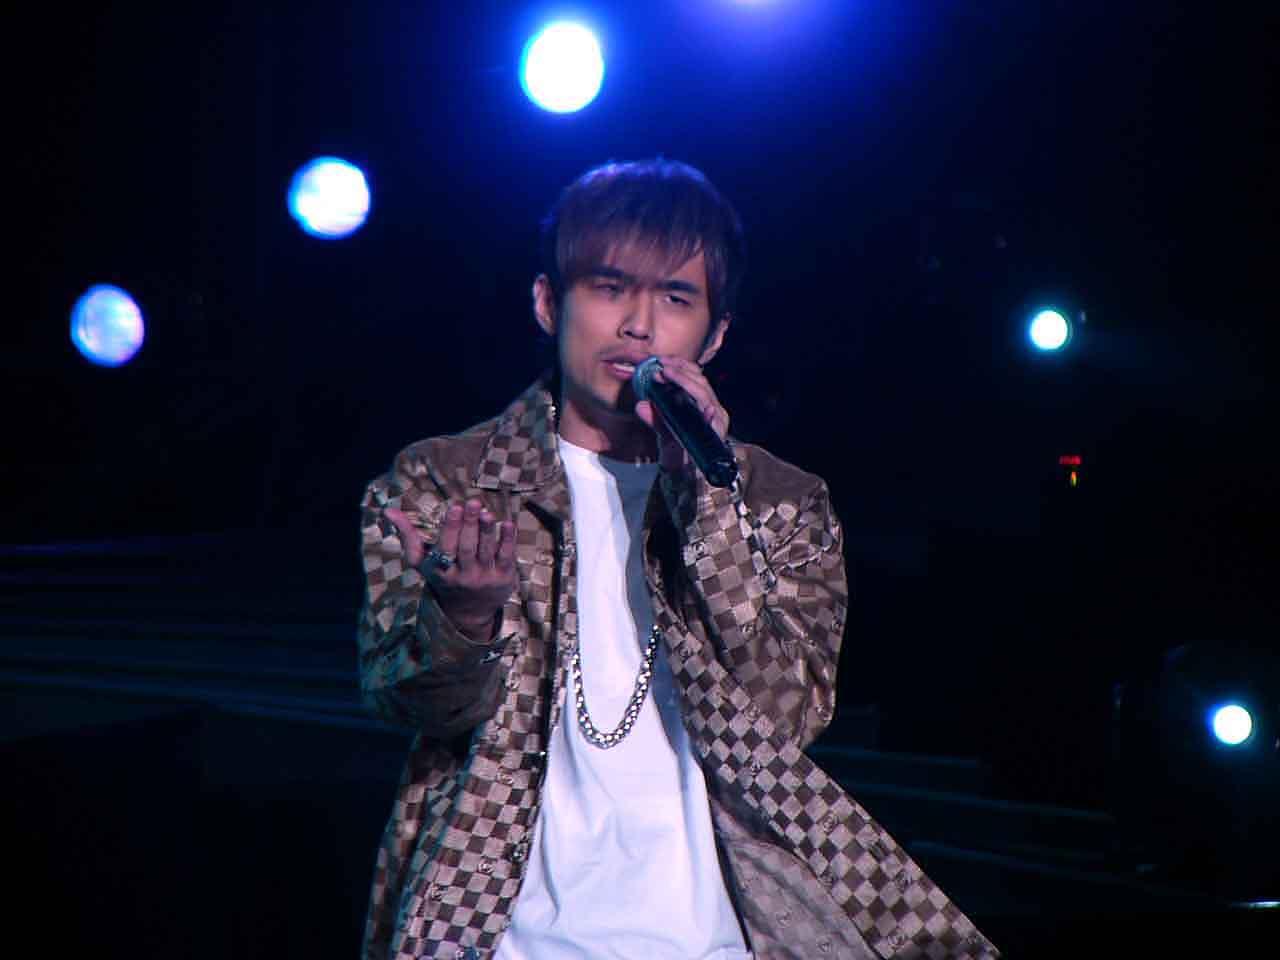 图文:2004中国TOP排行榜现场-周杰伦演唱5